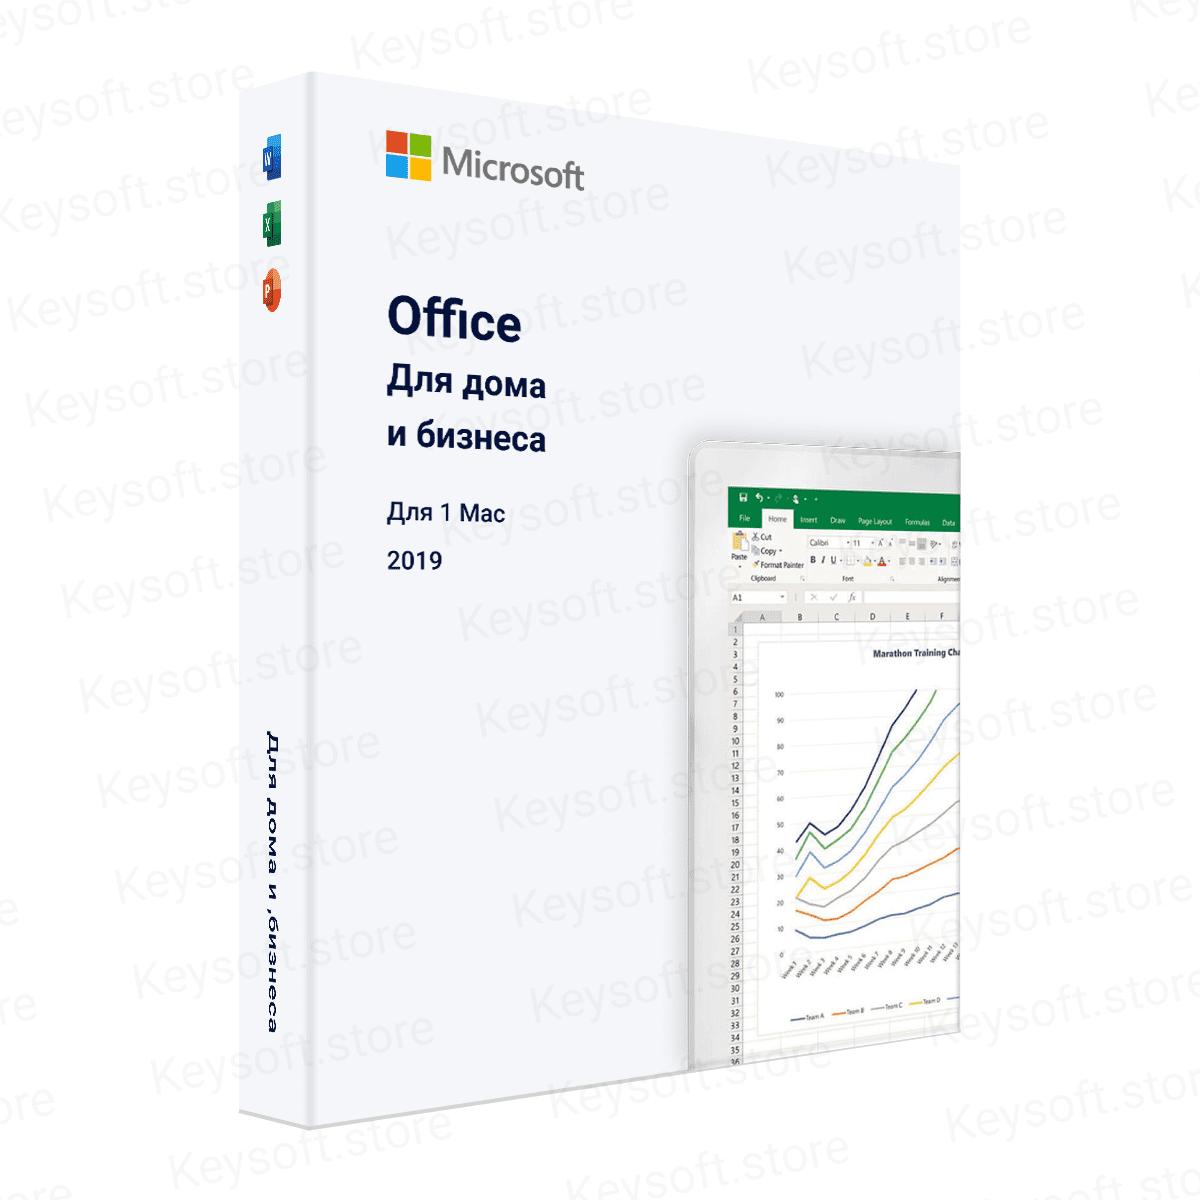 Office 2019 Для Дома и Бизнеса для MAC